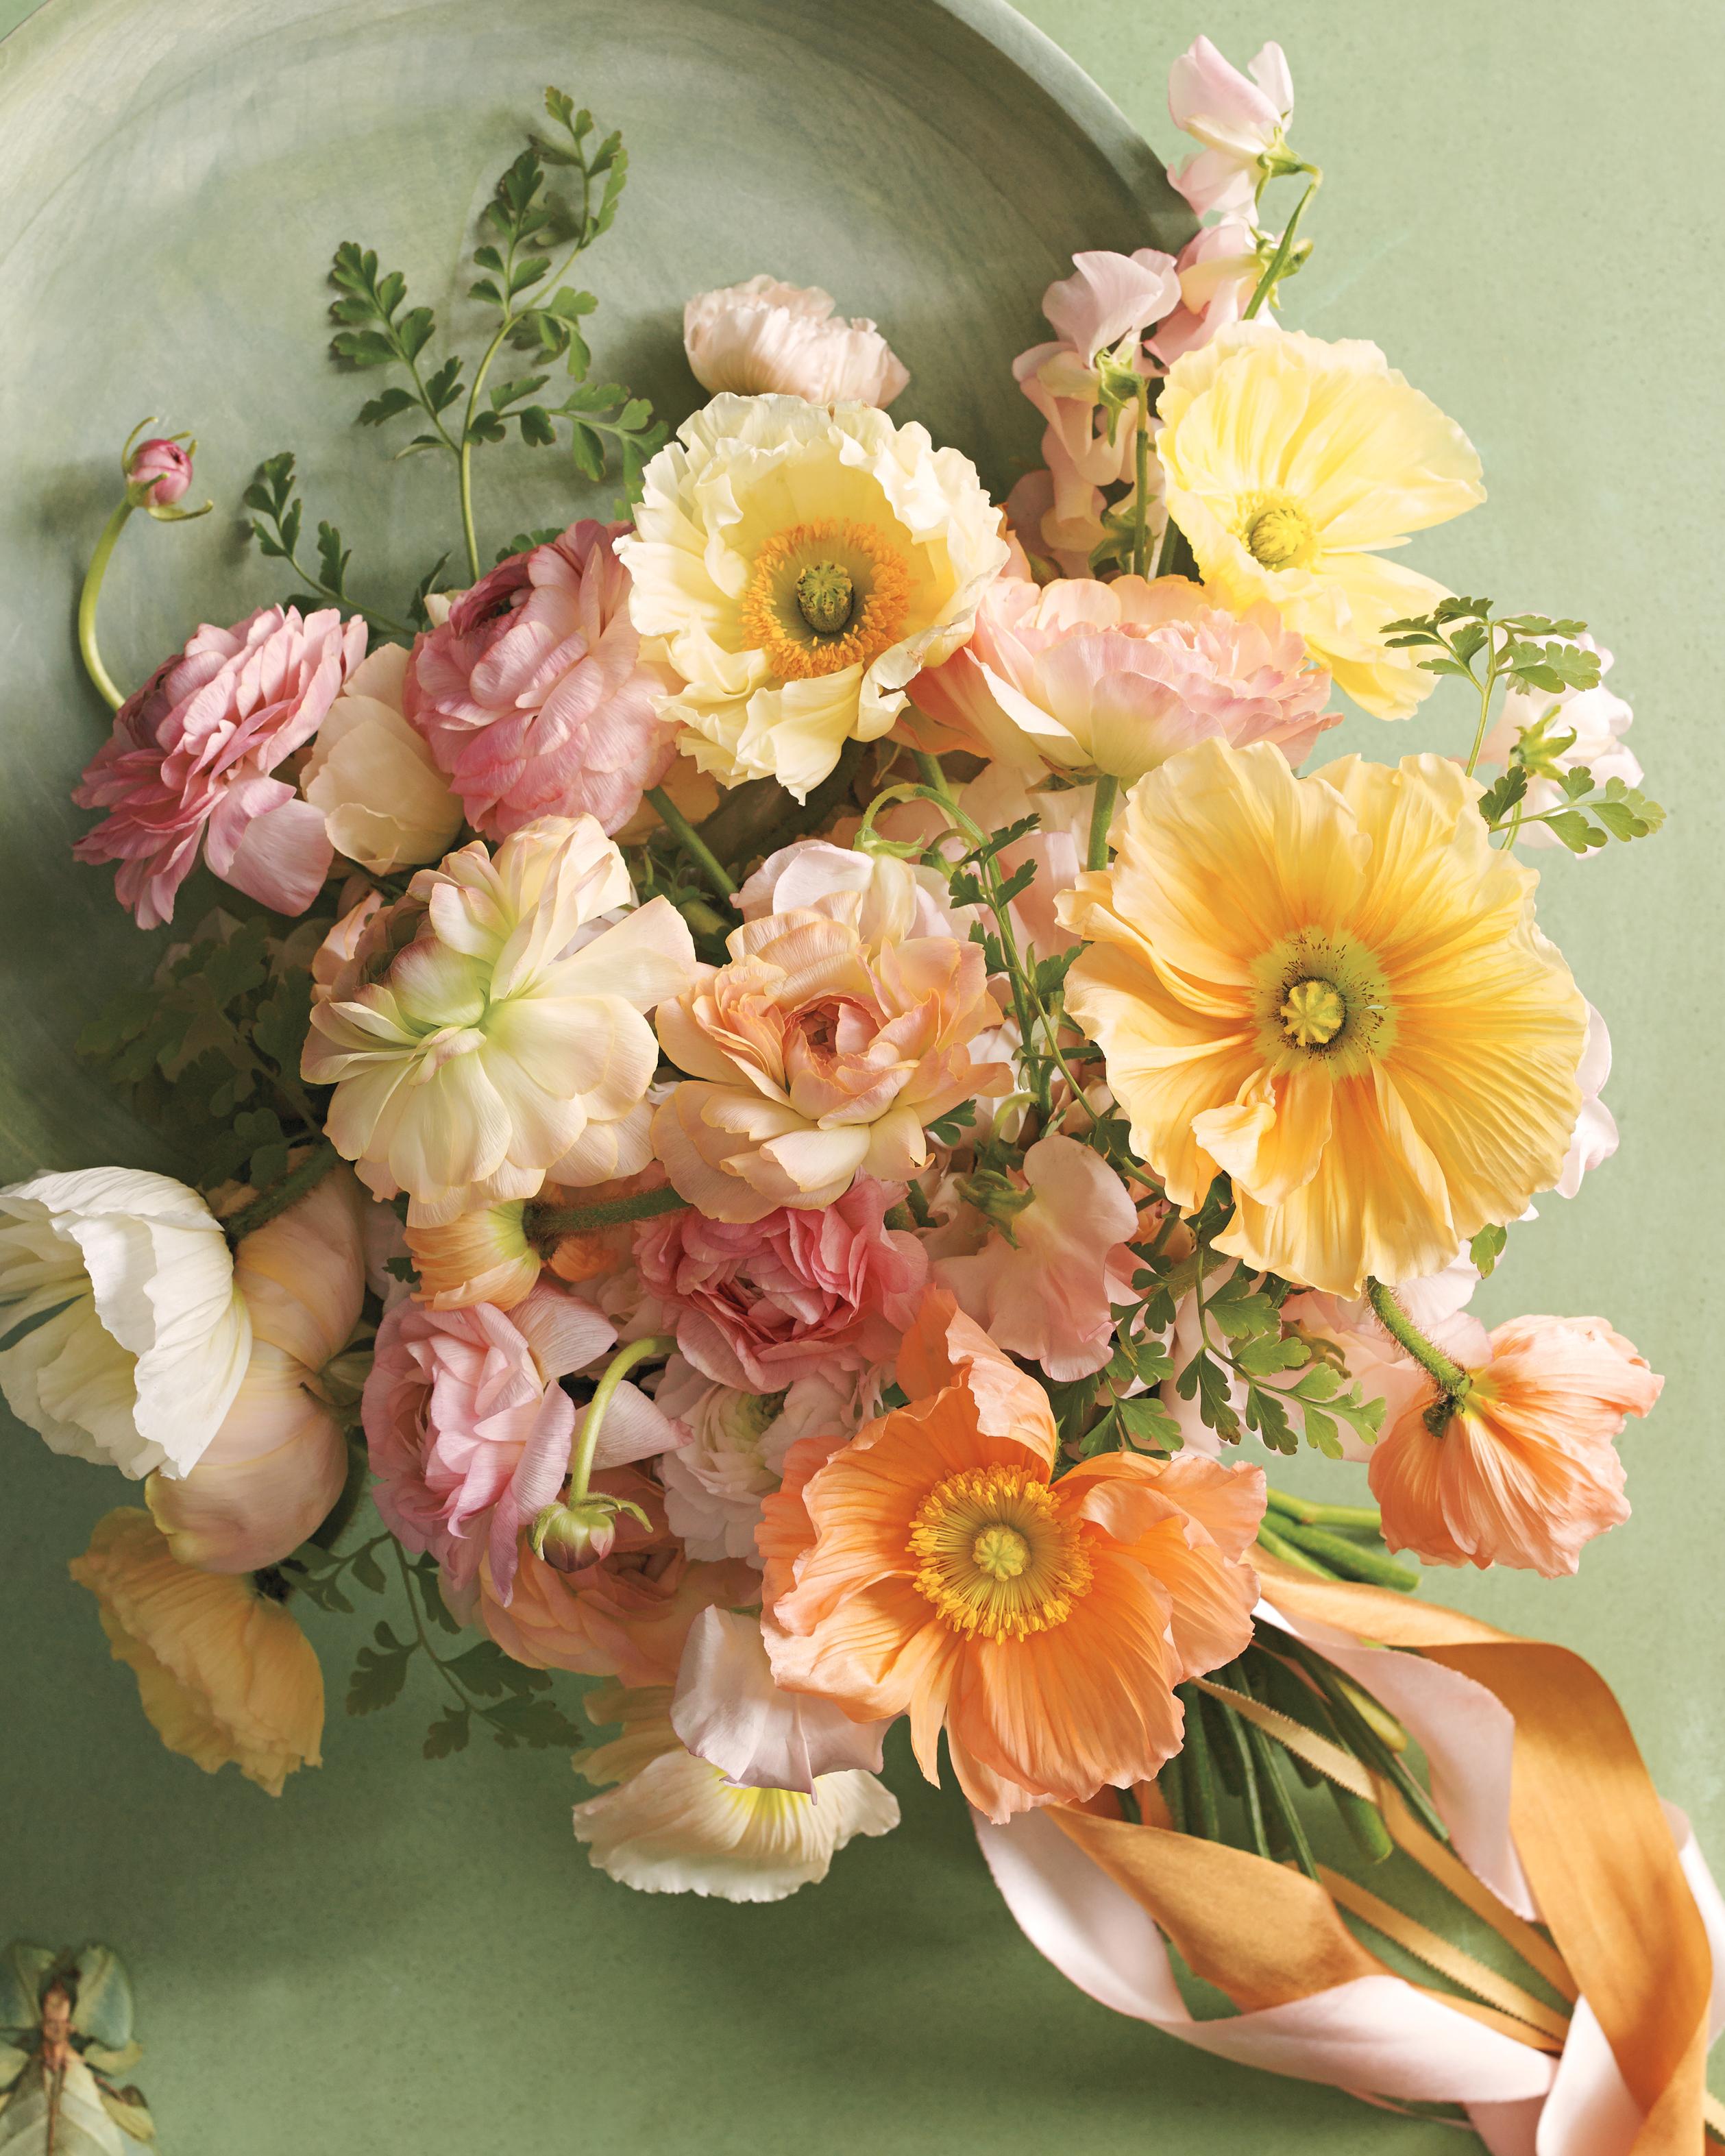 spring-1-bouquet-flowers-032-d111785.jpg